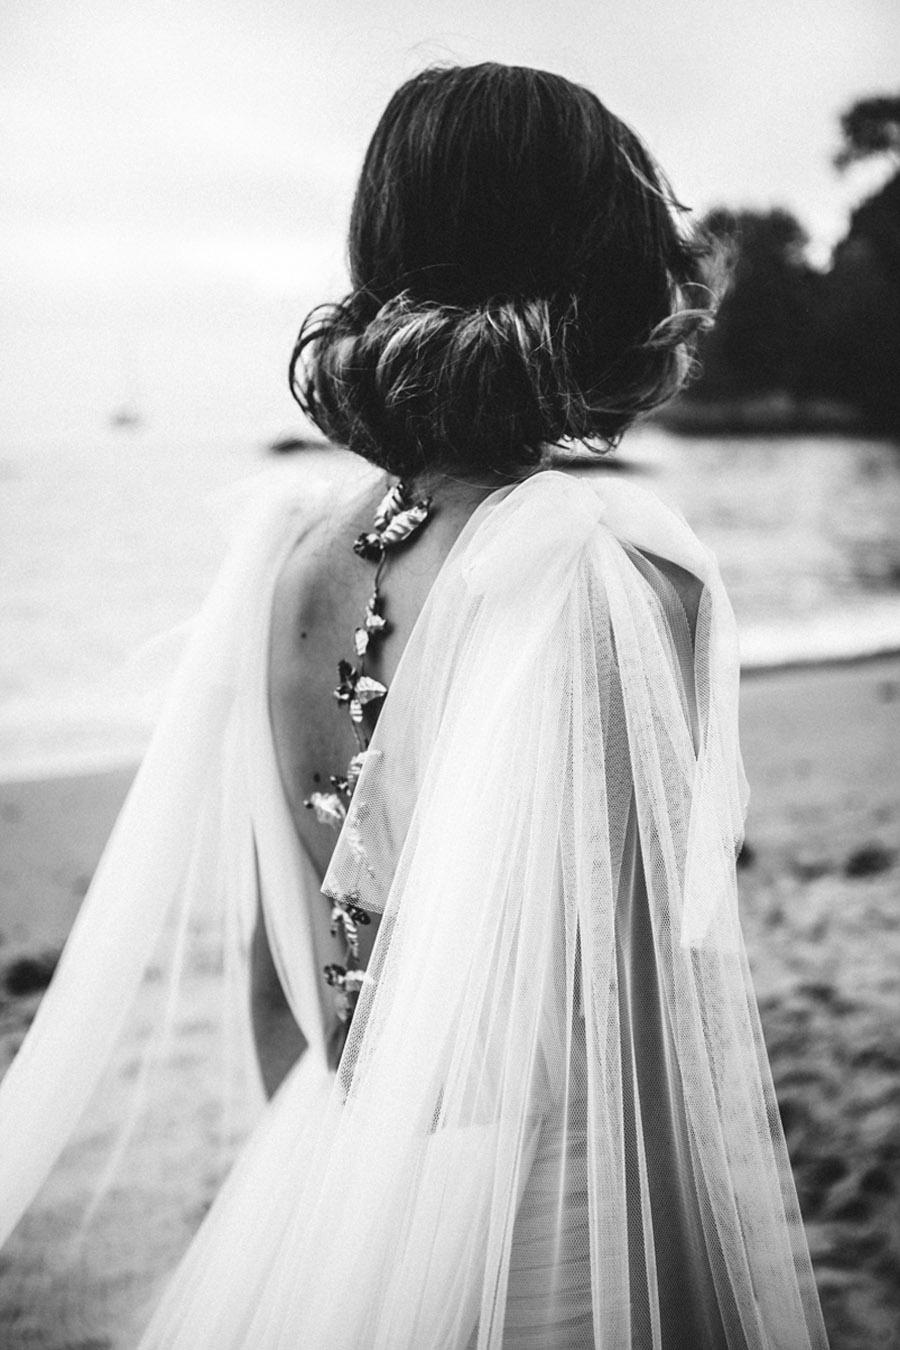 HALOPHILA, NUEVA COLECCIÓN PARA NOVIAS BOÜRET 2017 vestido-novia-bouret